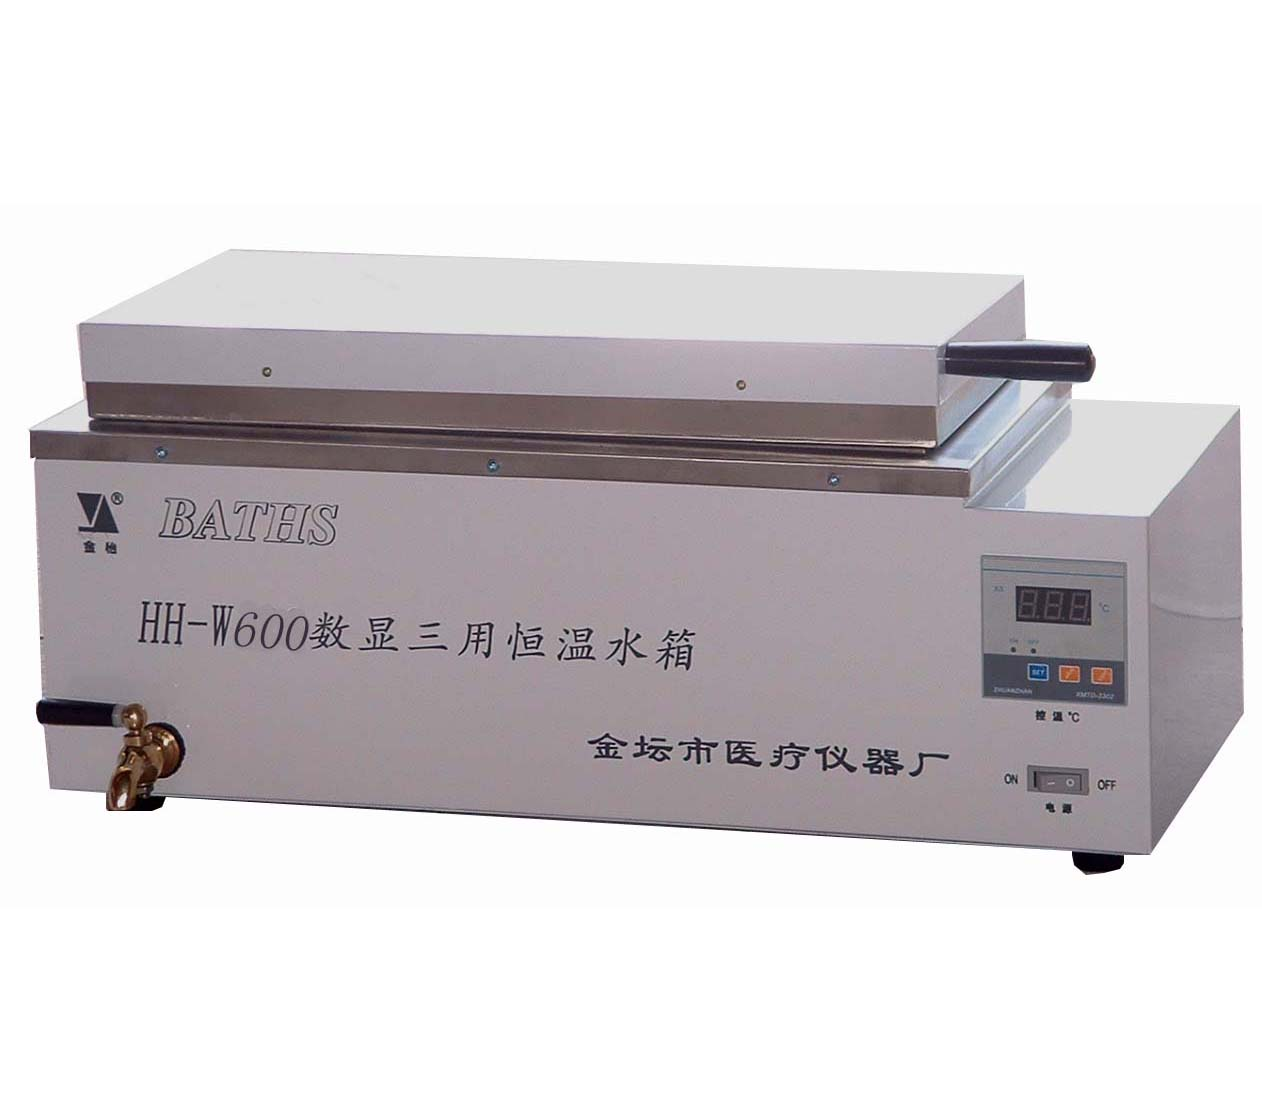 HH-W600 数显三用恒温水浴箱